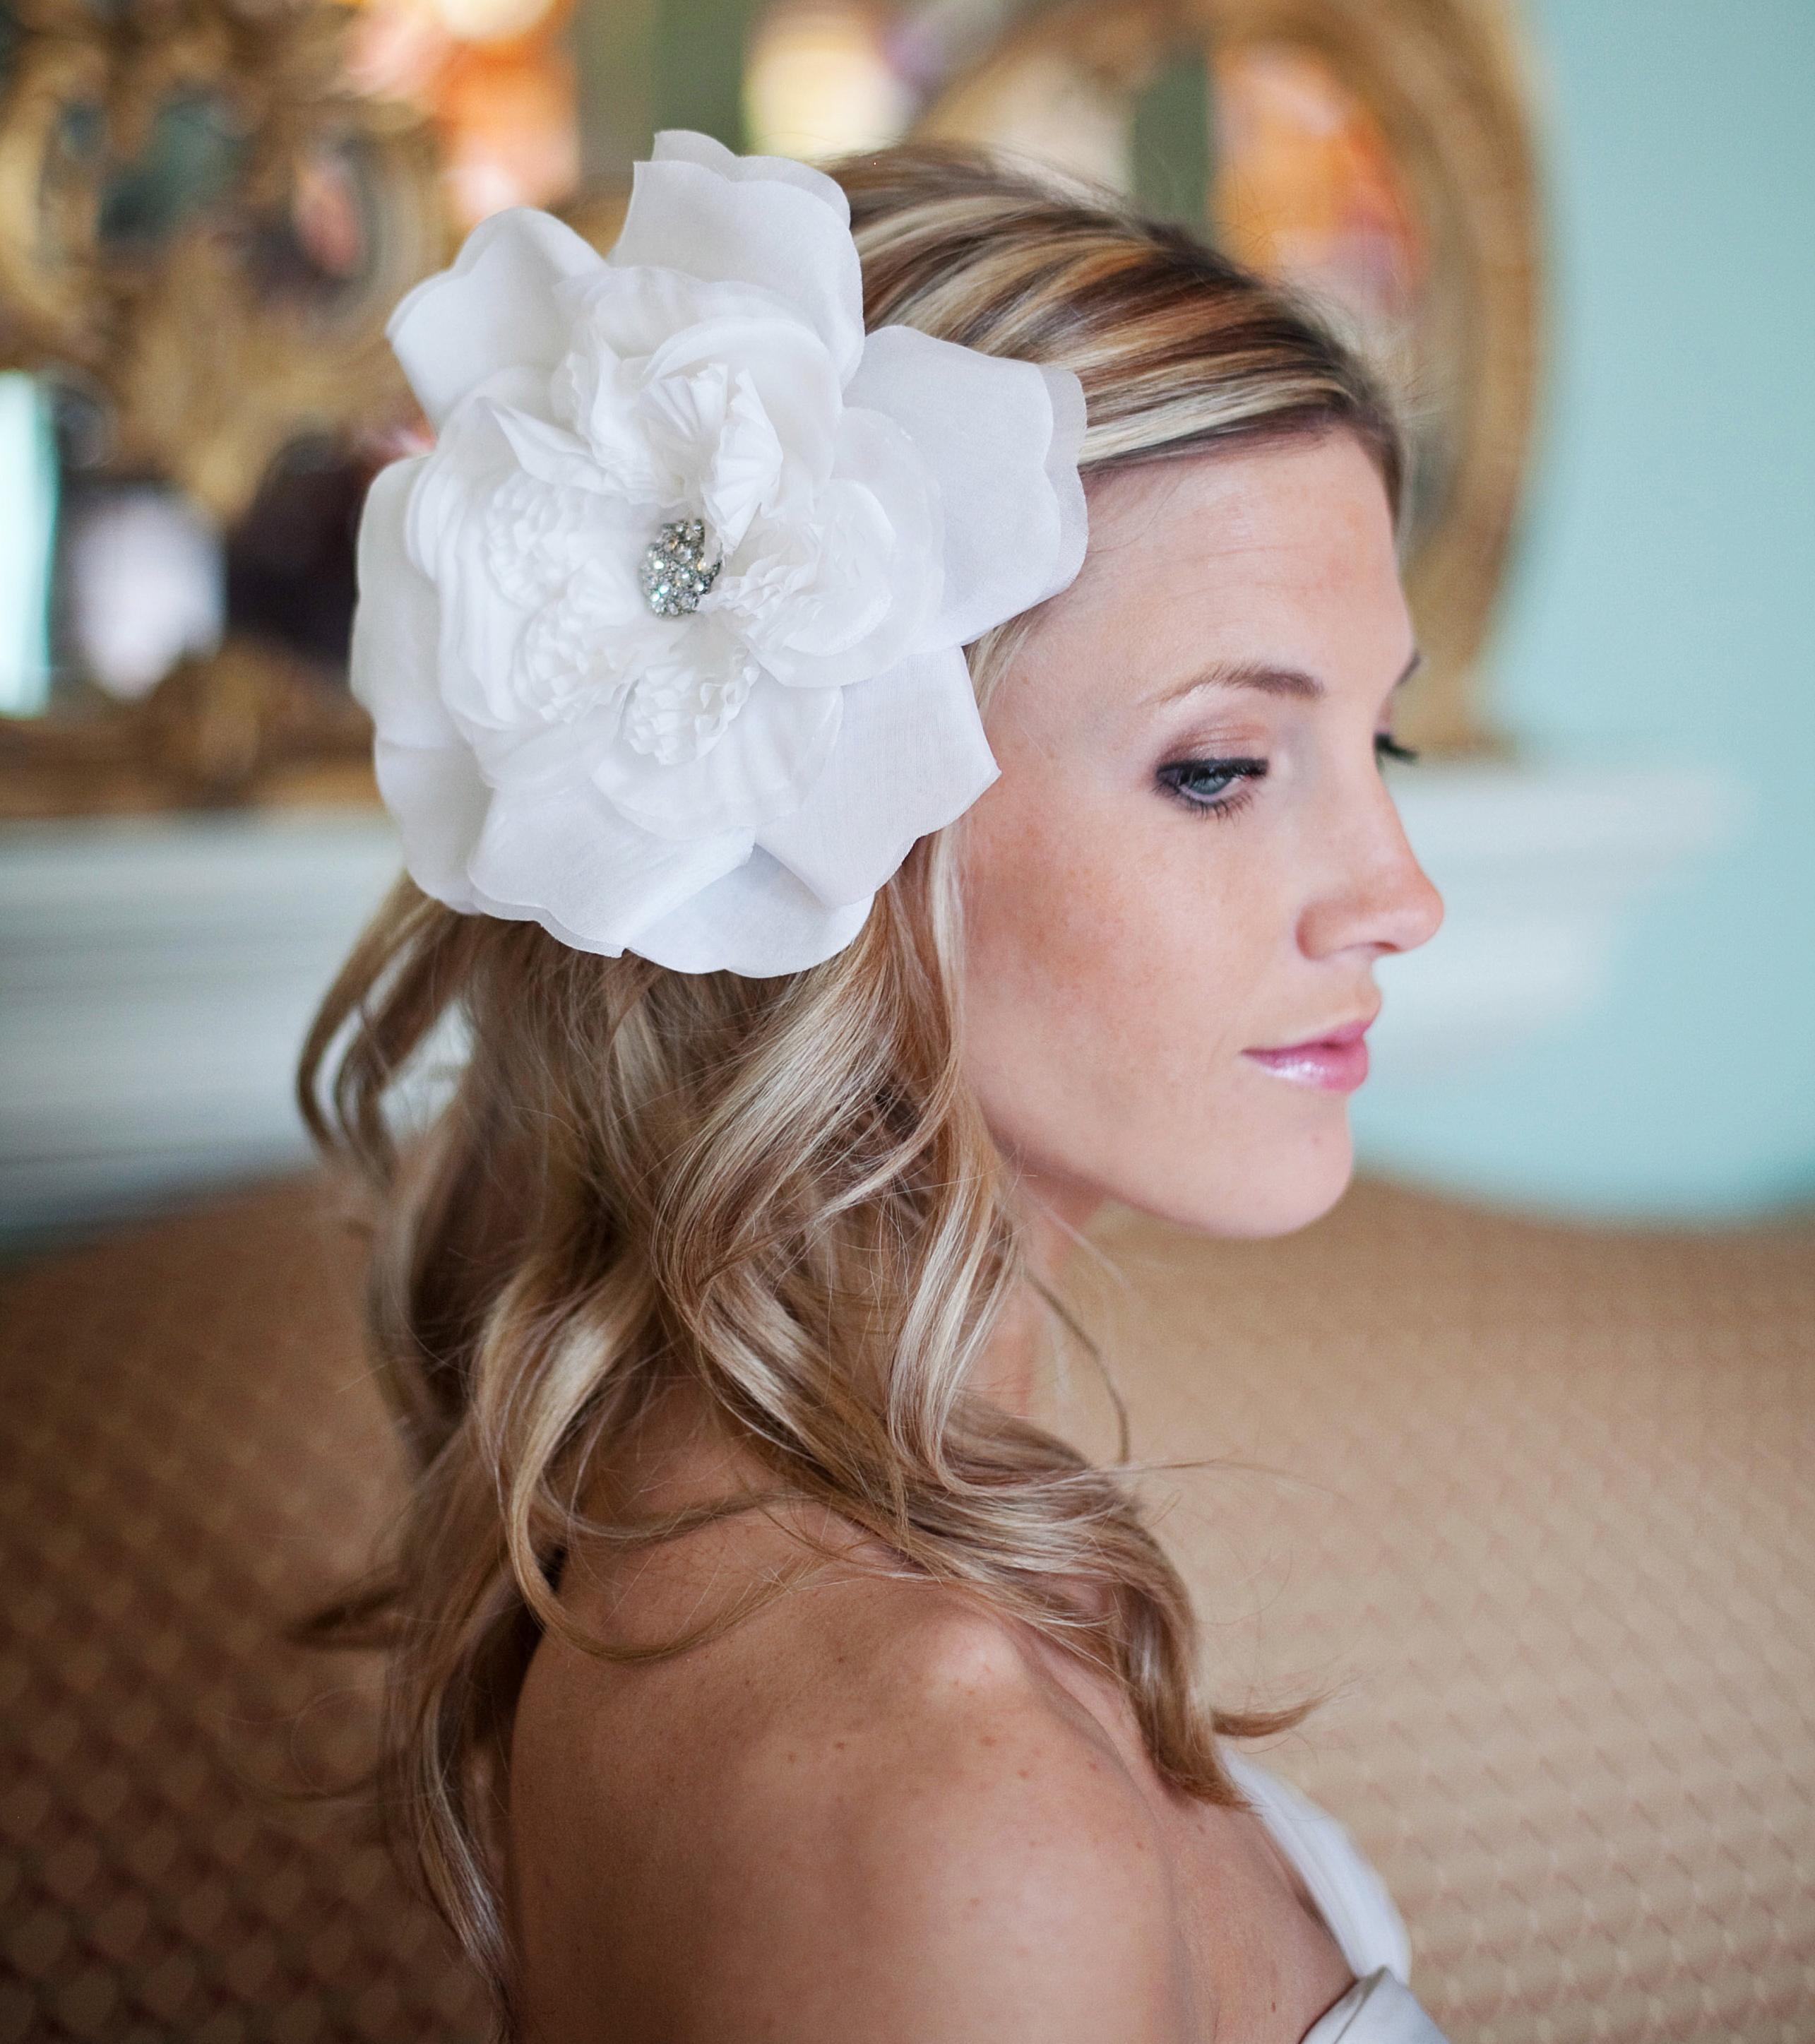 penteado de noiva - com flor